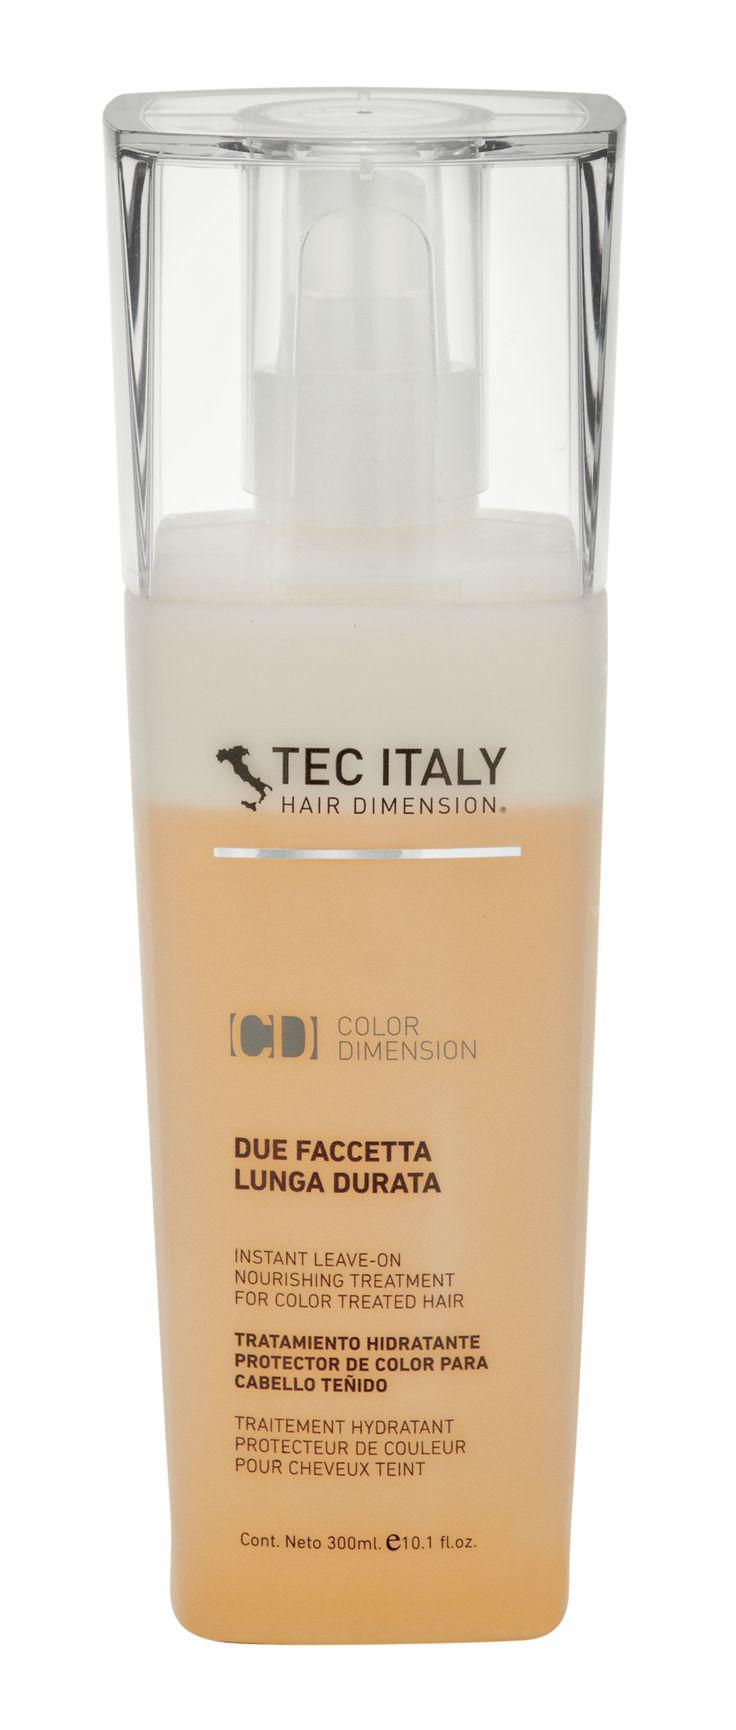 DUE FACCETTA LUNGA DURATTA:  Tratamiento nutritivo instantáneo diseñado para proteger y fijar el color. Se deja puesto.   Formulado para sellar la cutícula optimizando el brillo y evitando la pérdida prematura del color en el cabello. Previene la estática, desenreda y mejora el manejo del cabello.  http://www.tecitaly.com.mx/cd-duefaccettalungaduratta.php